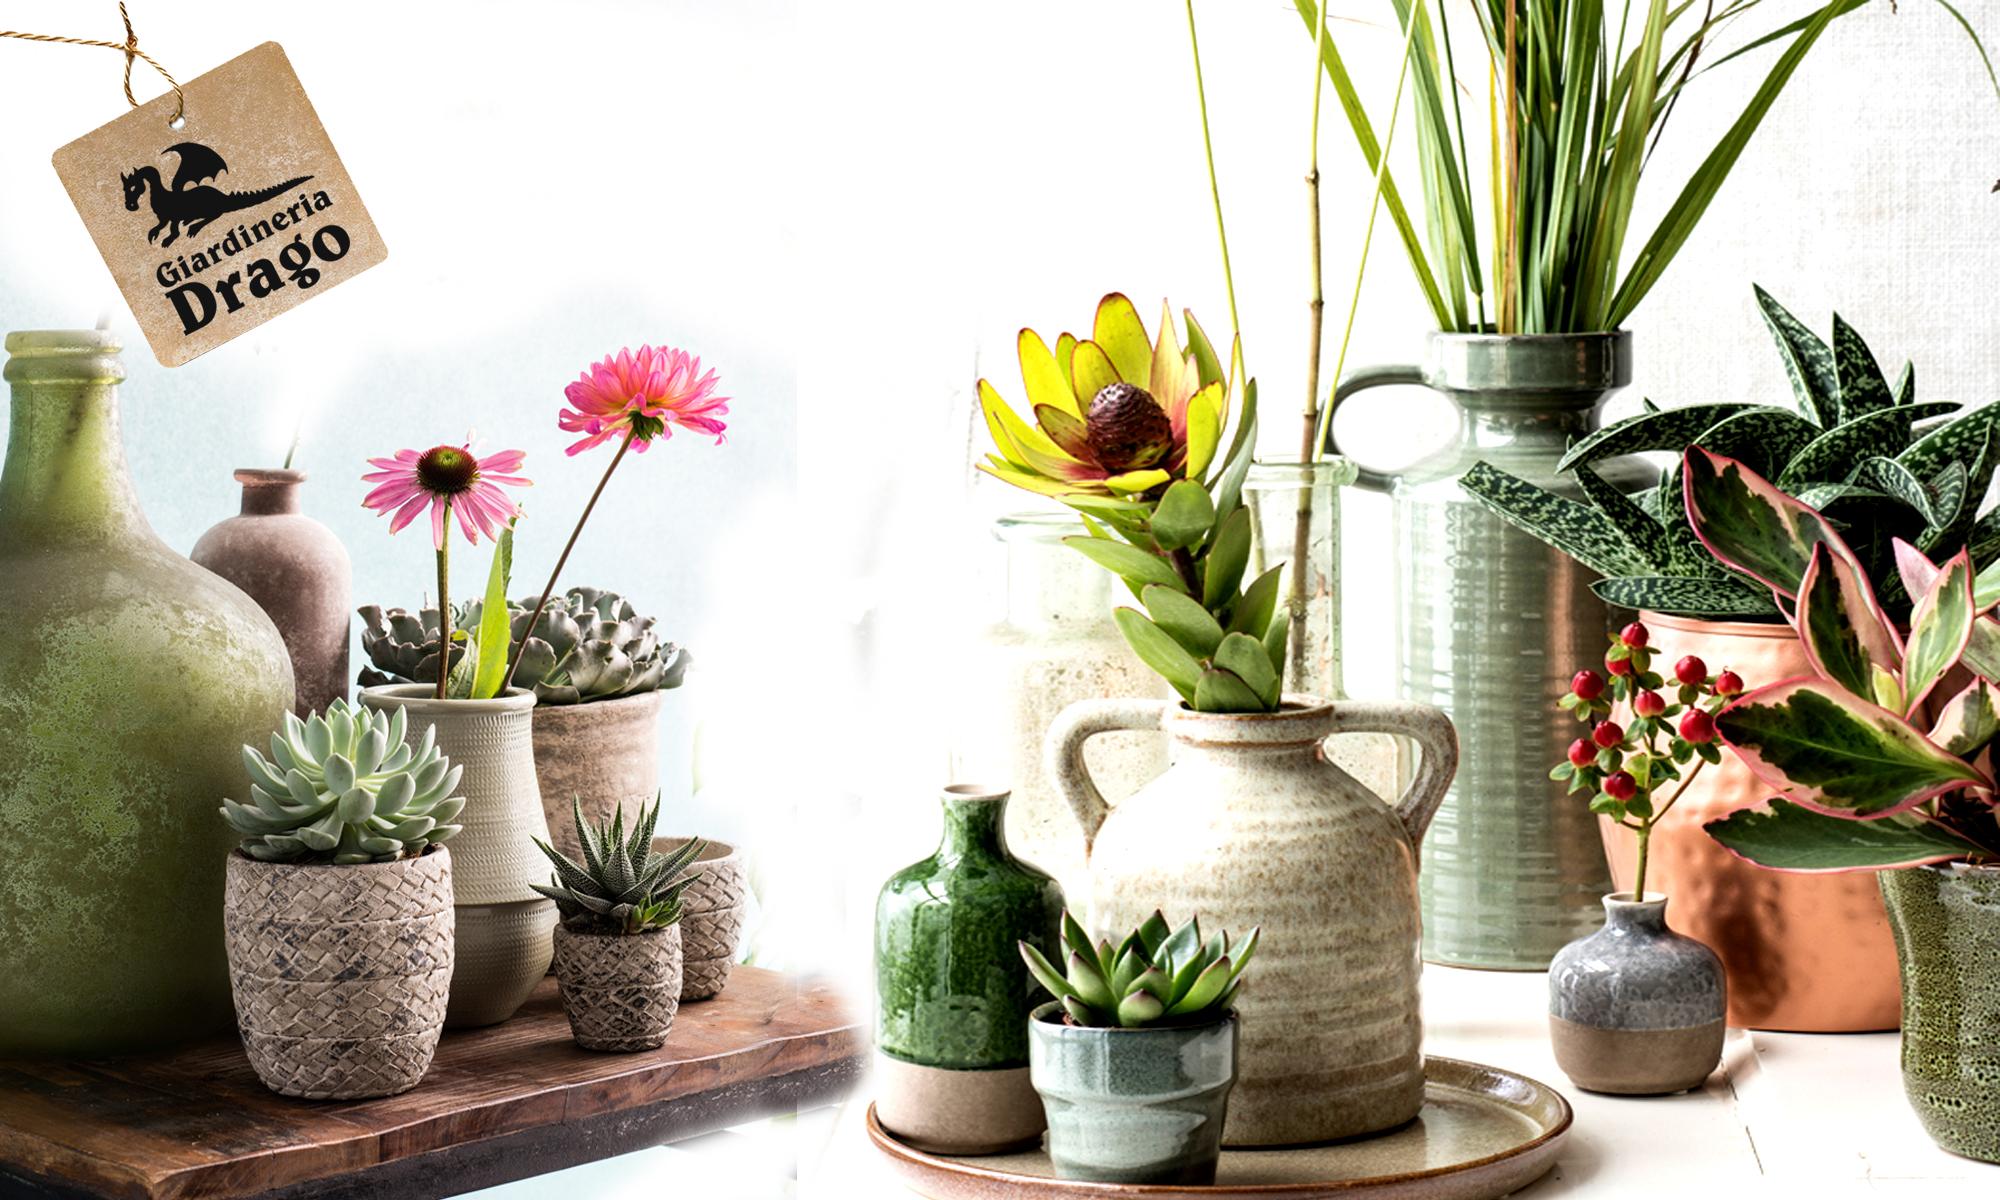 fiori freschi da giardineria drago